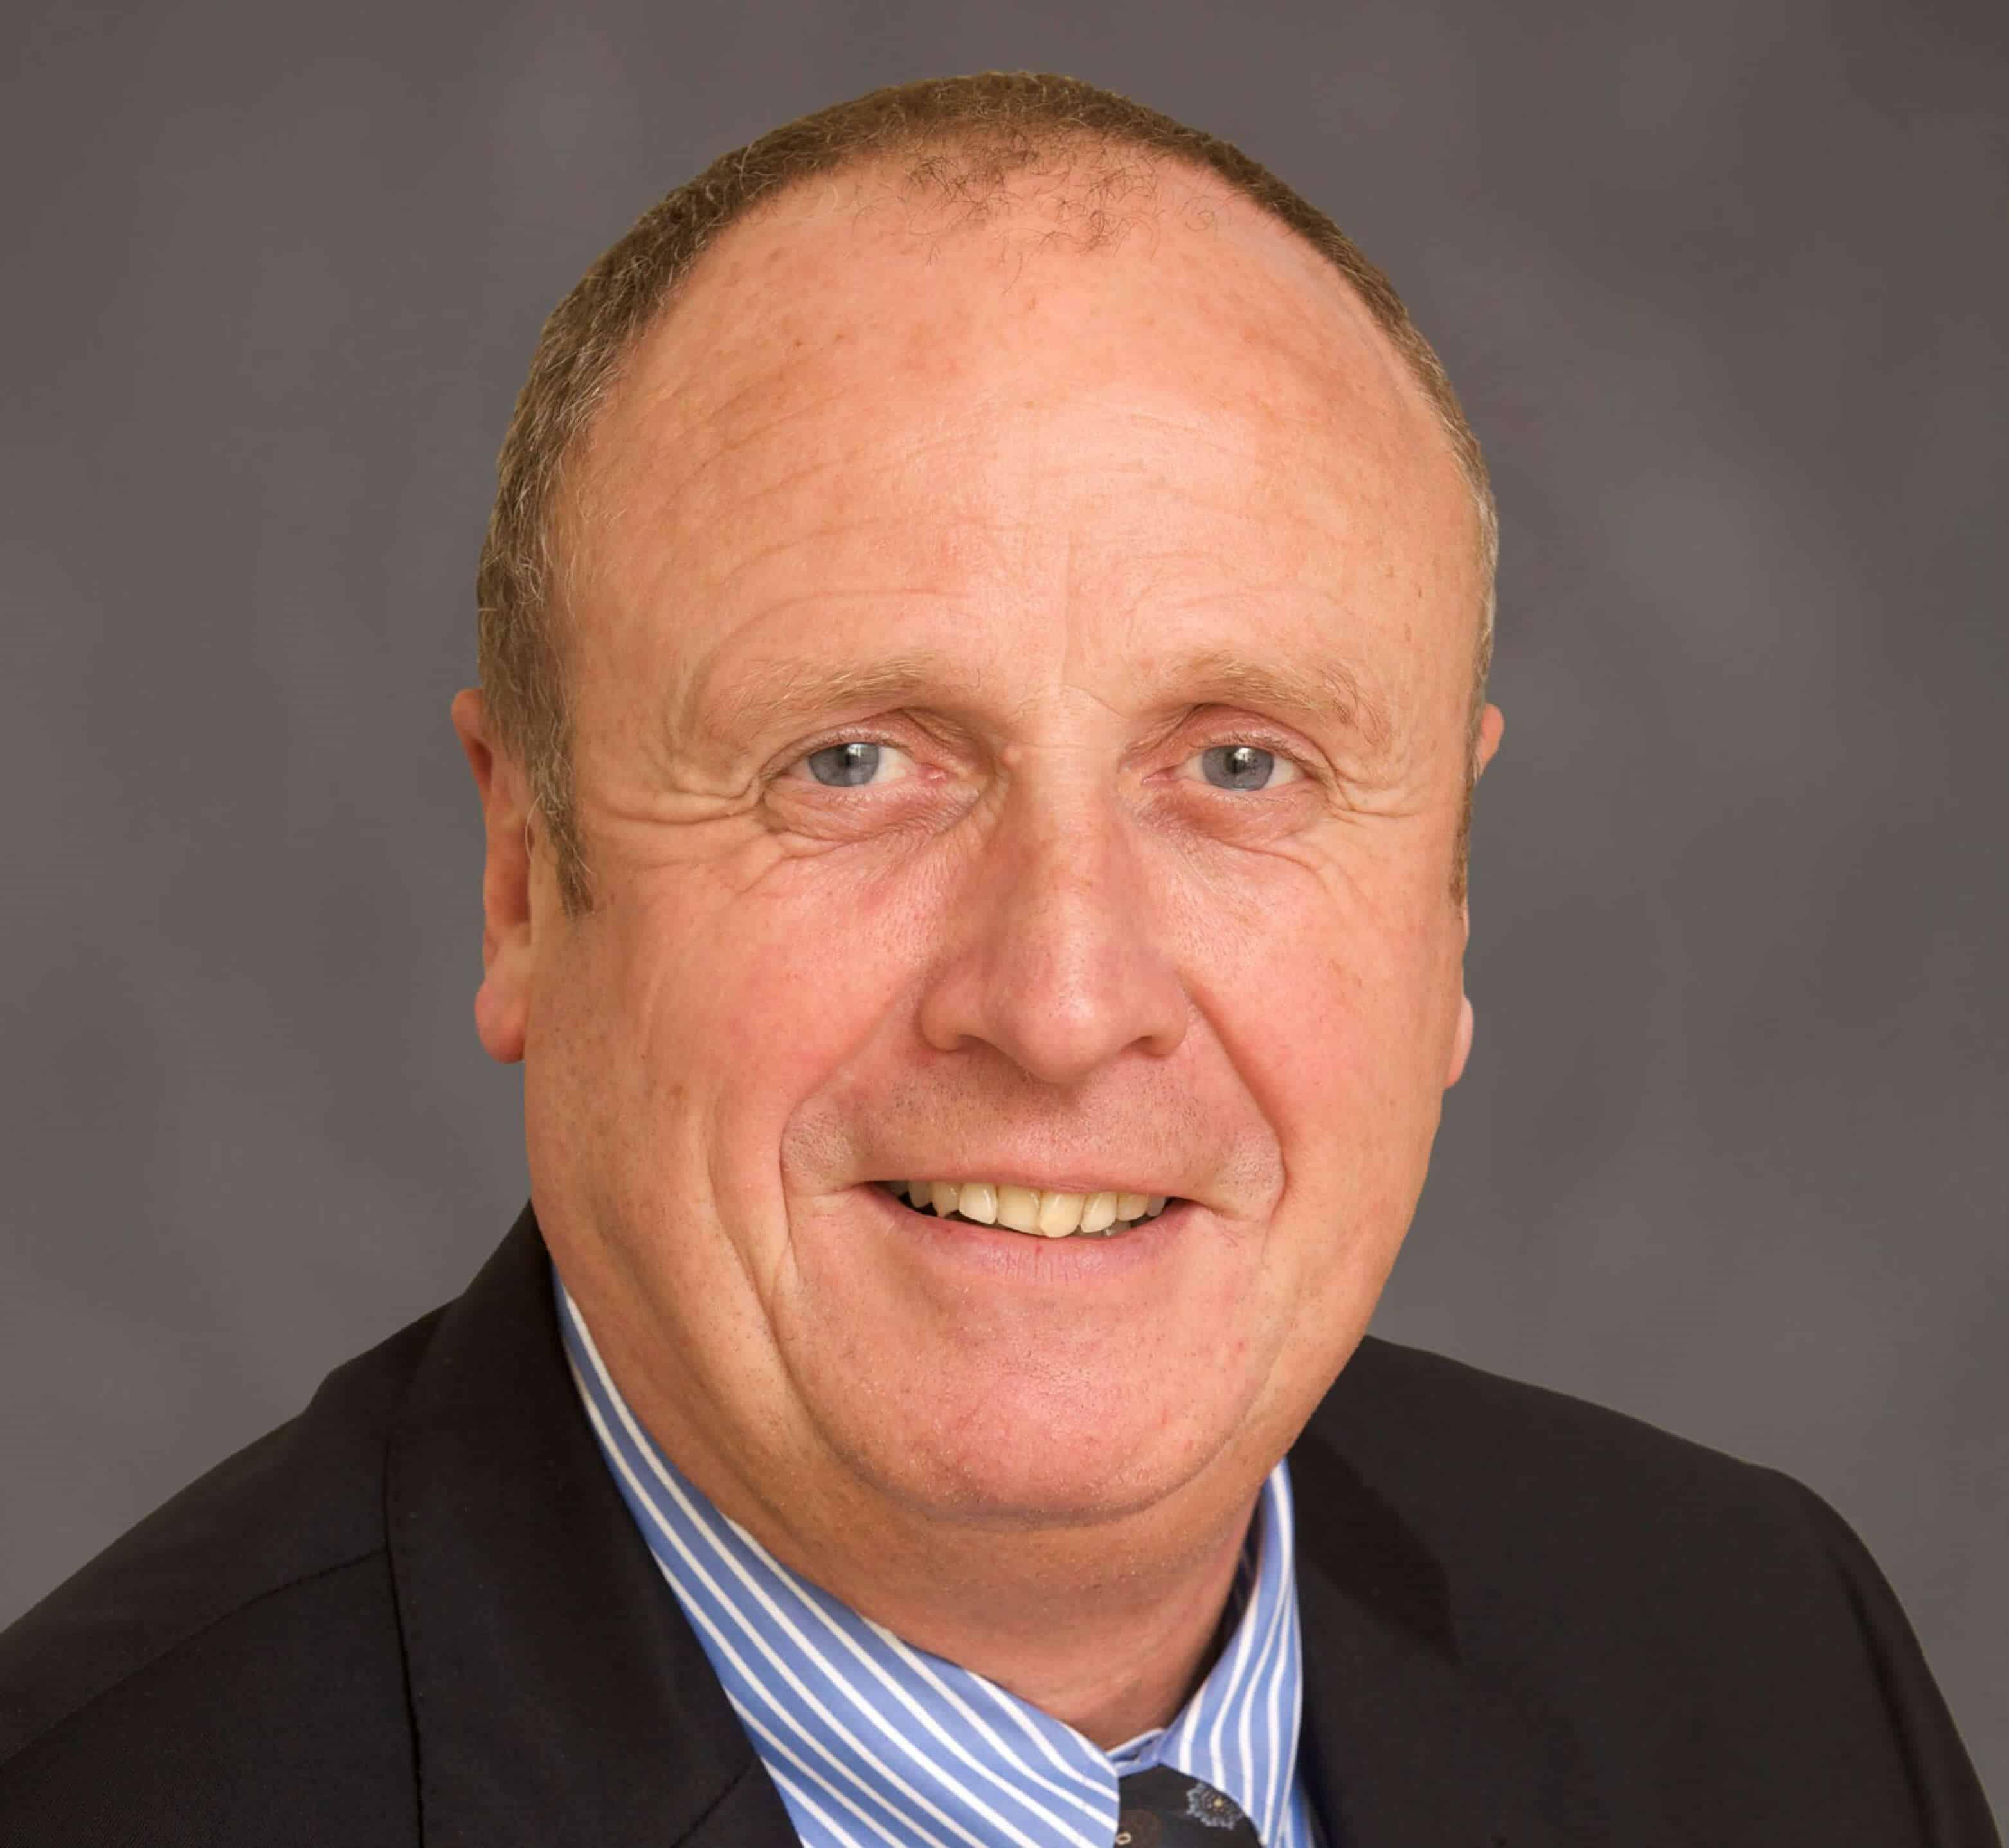 John Gillivan